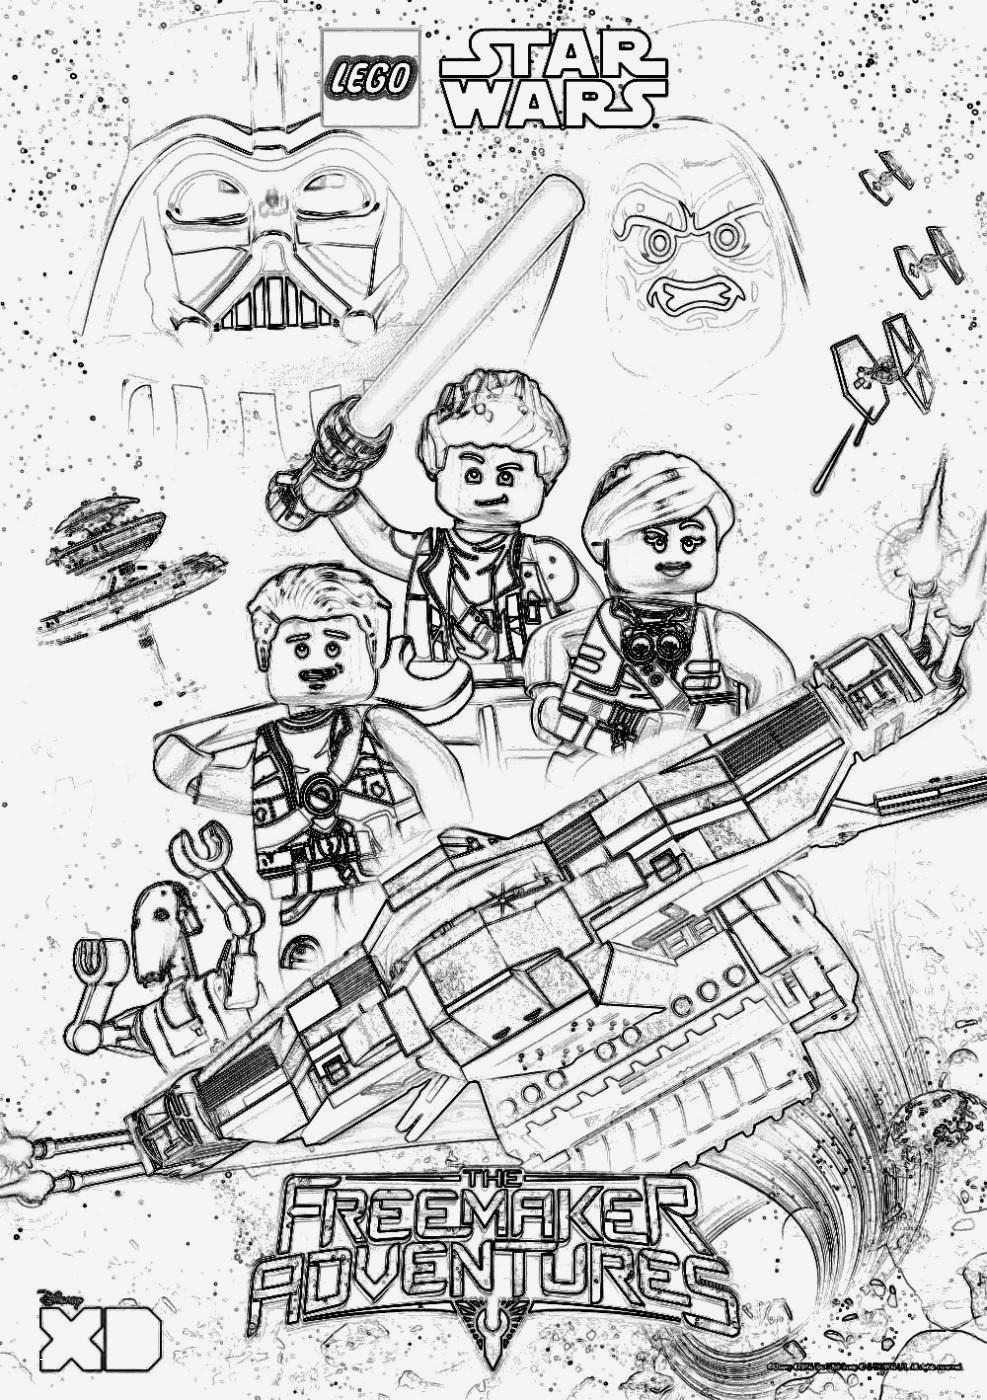 Lego Star Wars Ausmalbilder Neu Star Wars Malvorlagen Bildergalerie & Bilder Zum Ausmalen Lego Star Das Bild